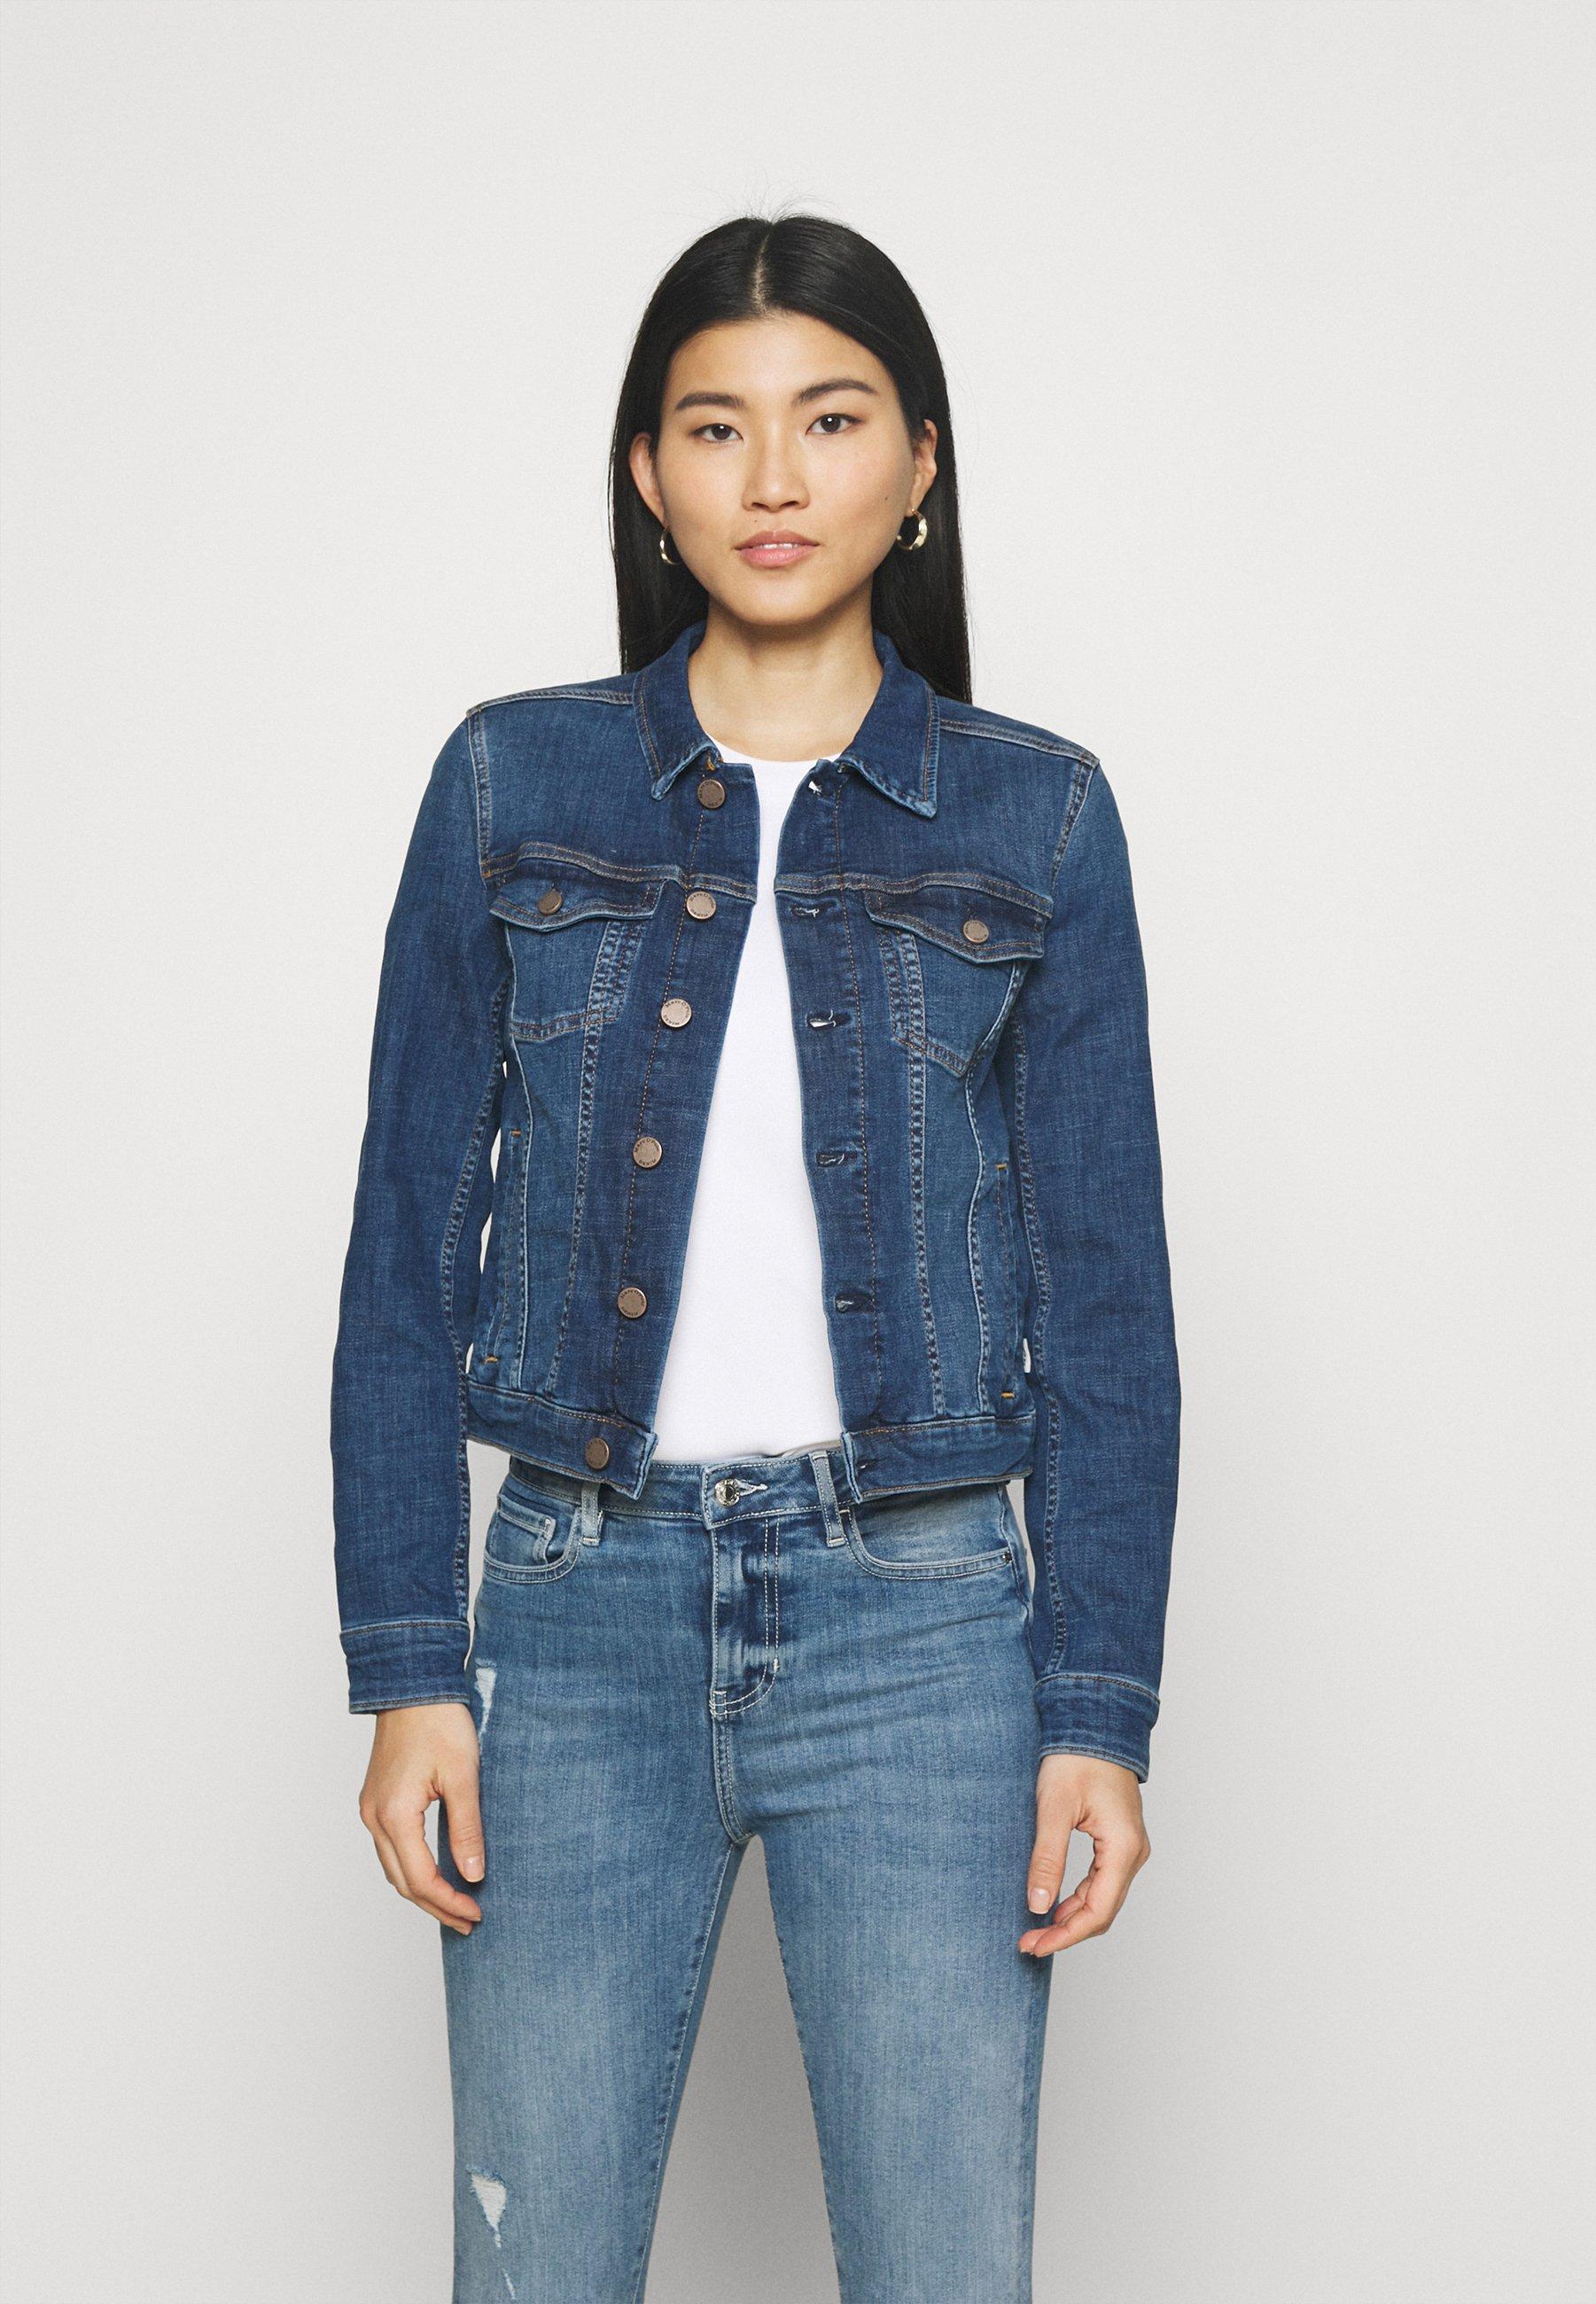 Women JACKET REGULAR LENGTH PATCHED POCKETS - Denim jacket